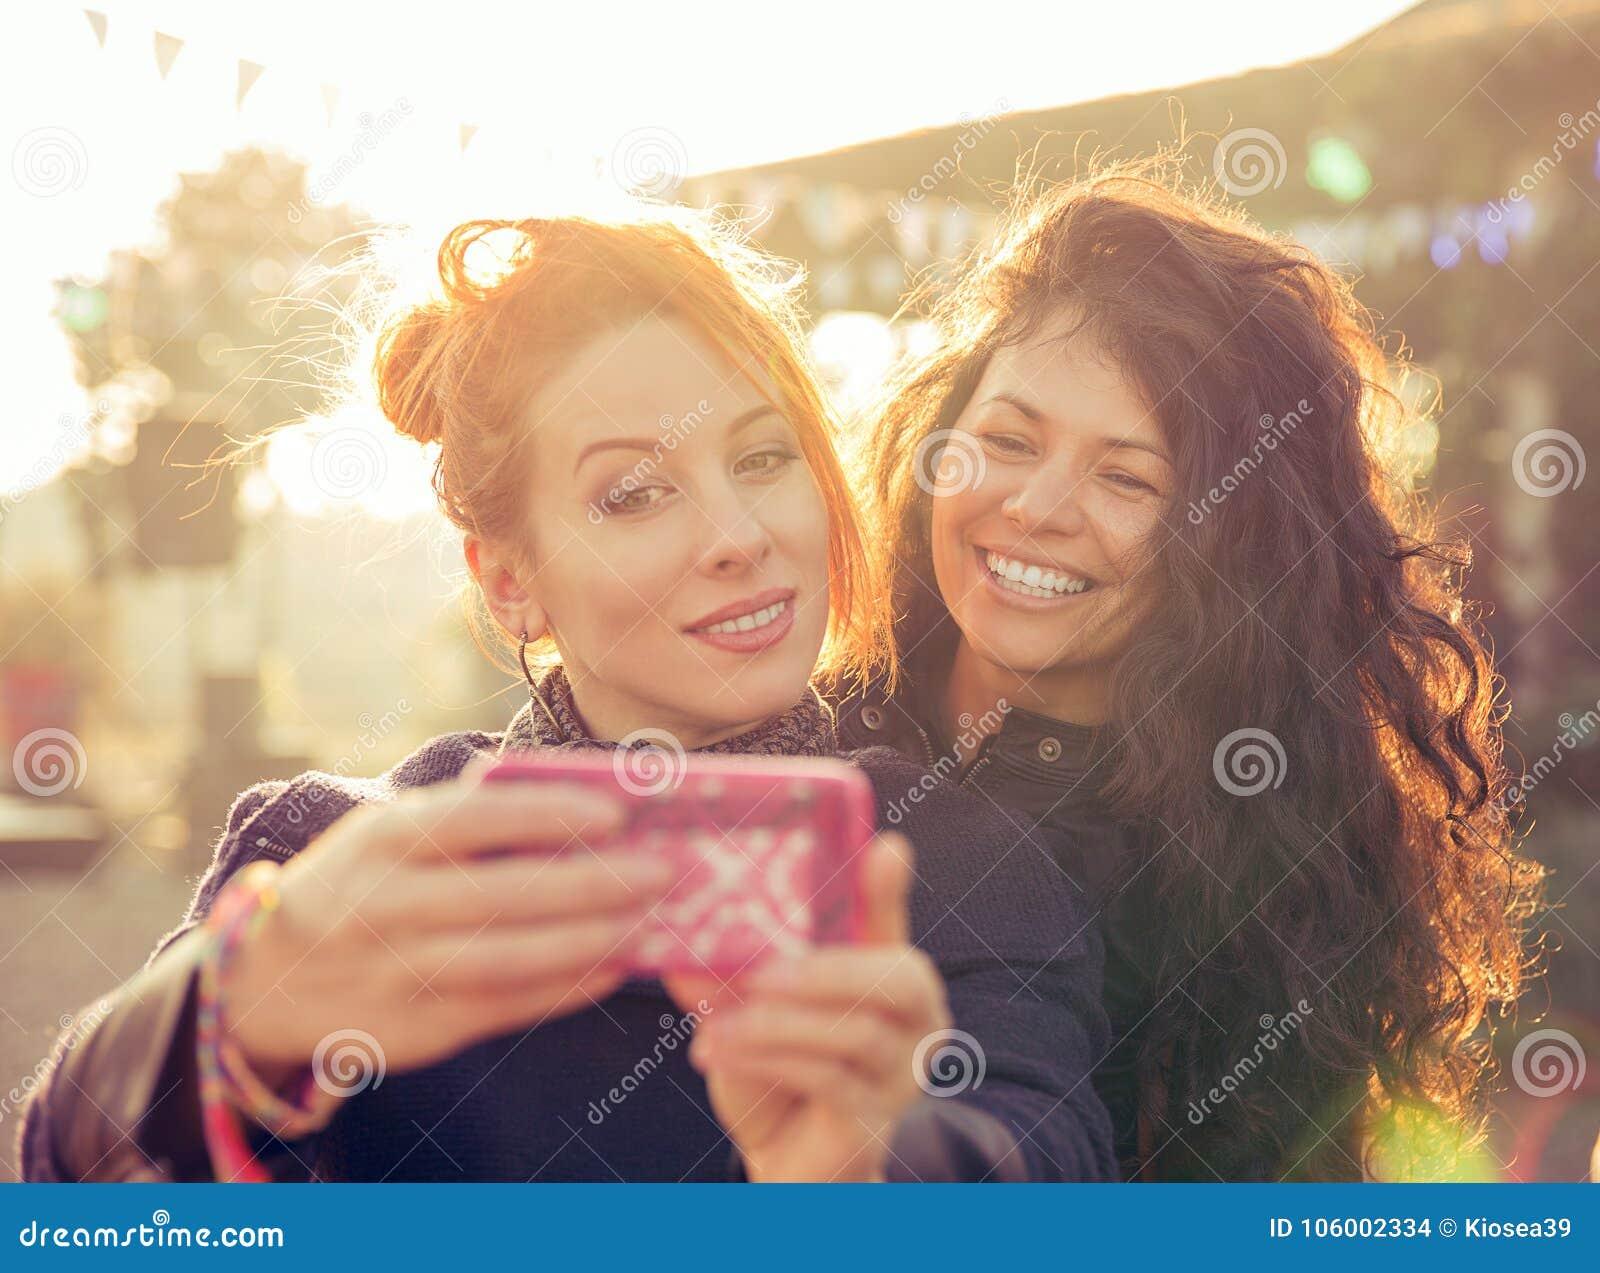 Female friends two women taking selfie having fun during weekend getaway